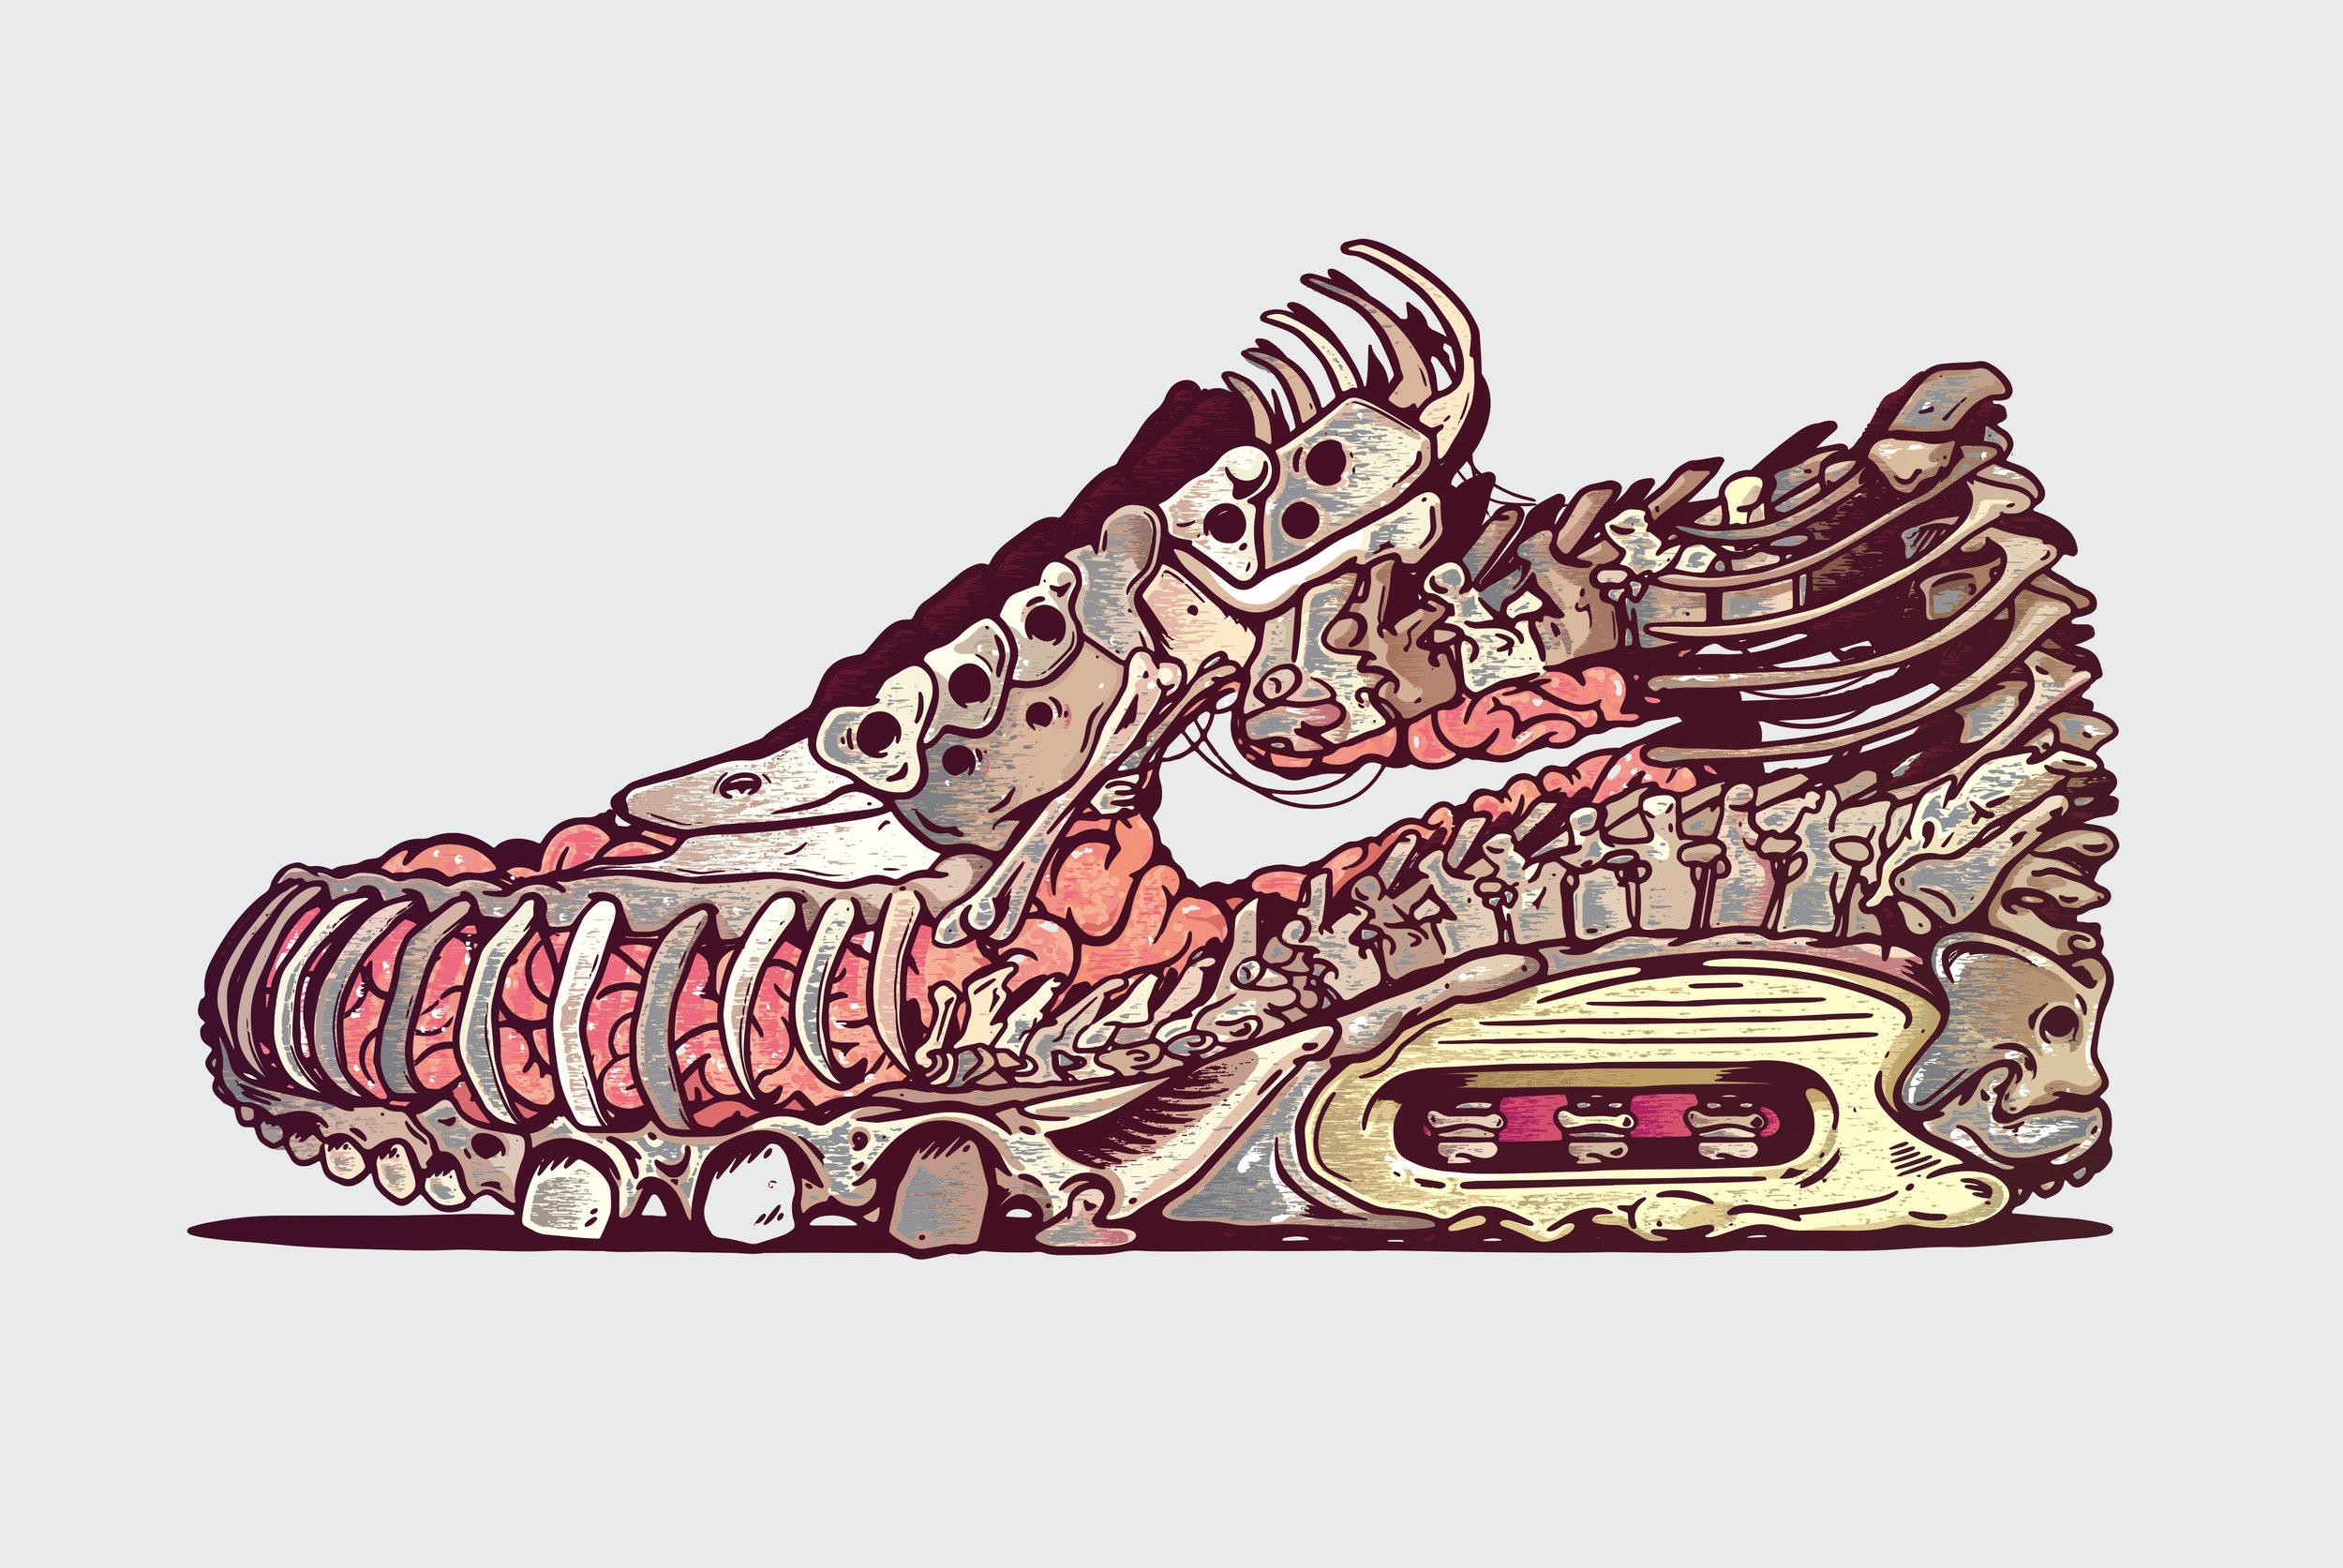 Nike-Skeleton.jpg